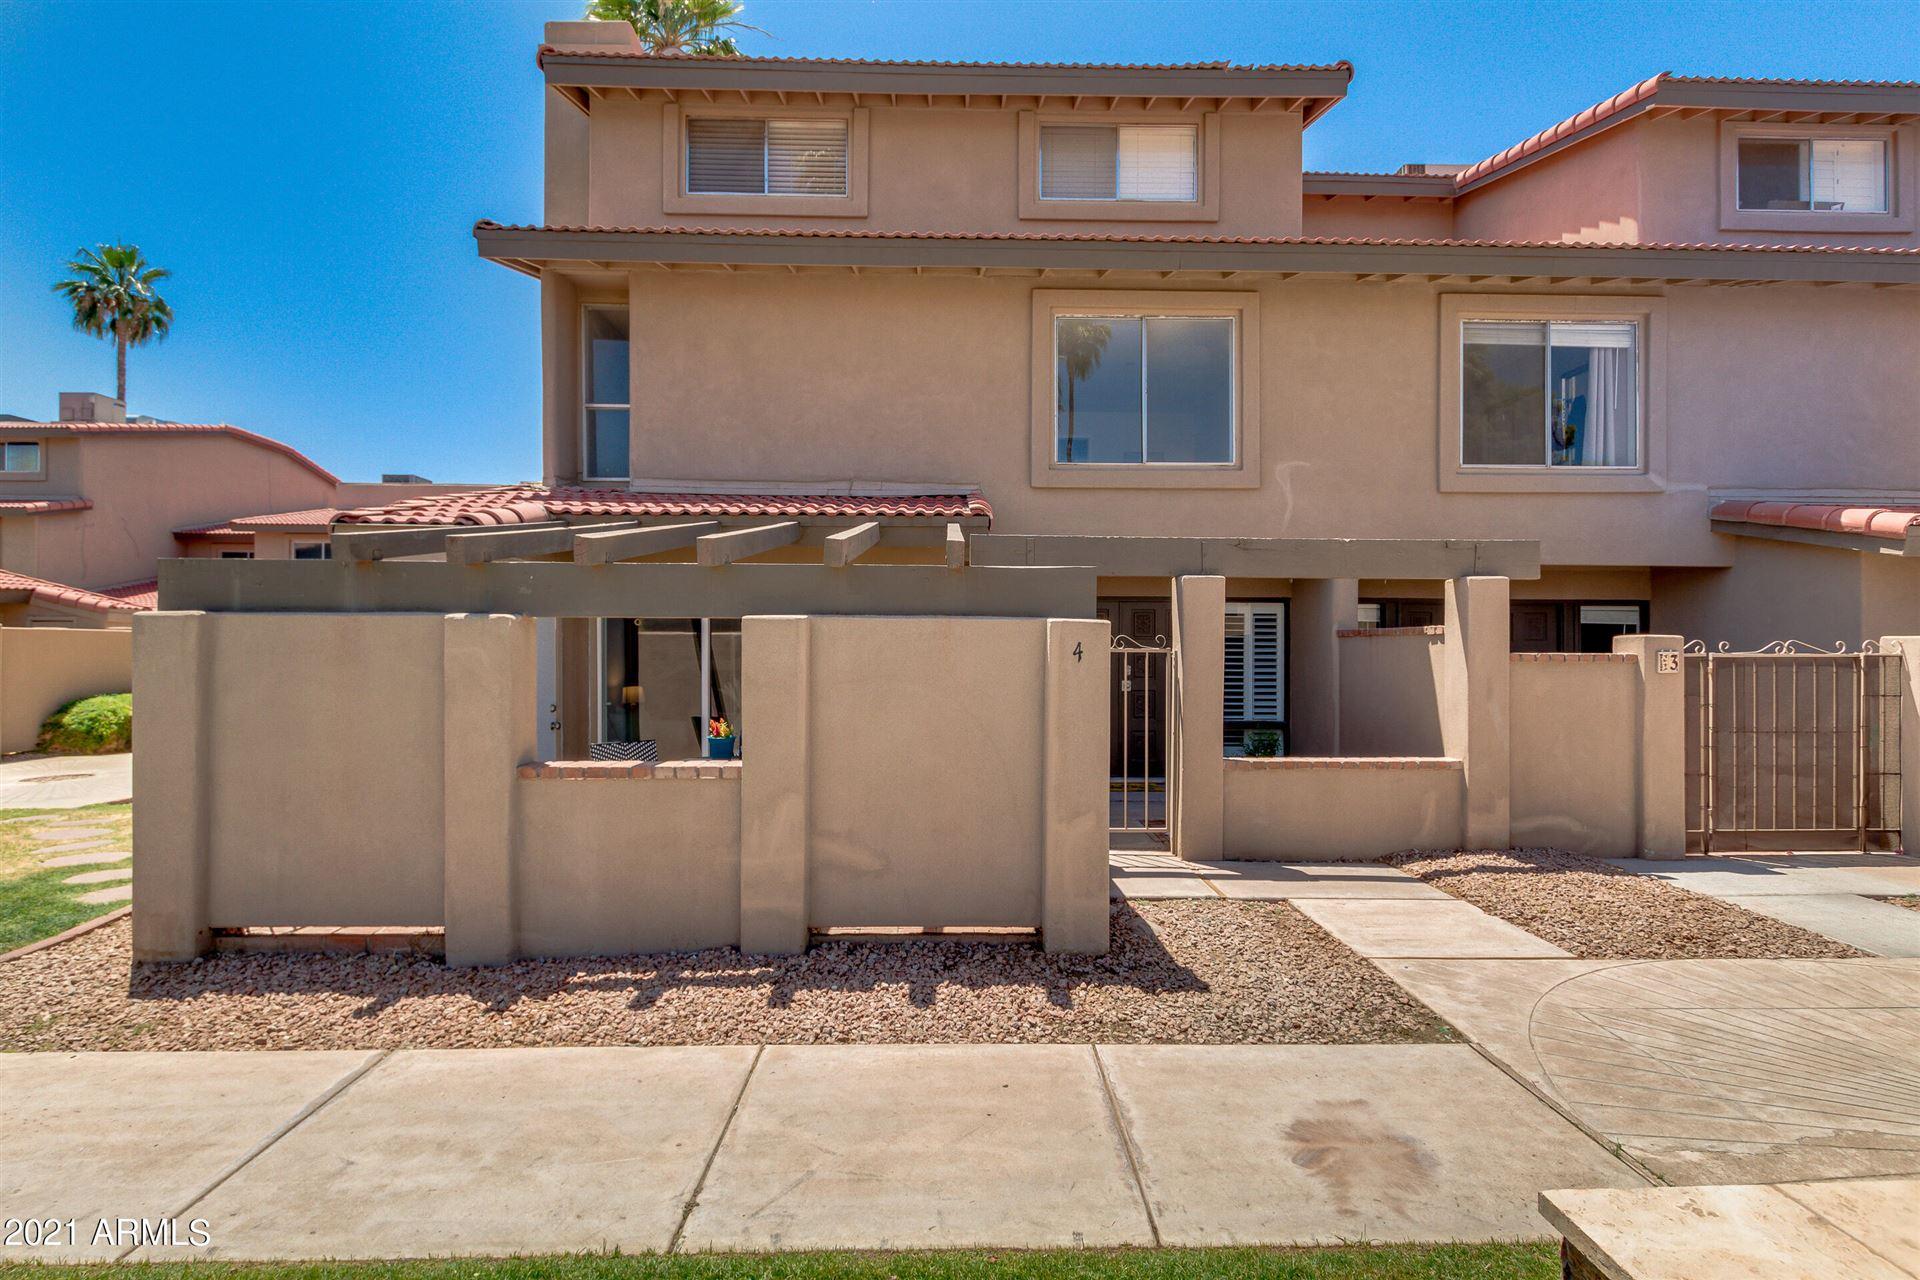 7920 E ARLINGTON Road #4, Scottsdale, AZ 85250 - MLS#: 6235447